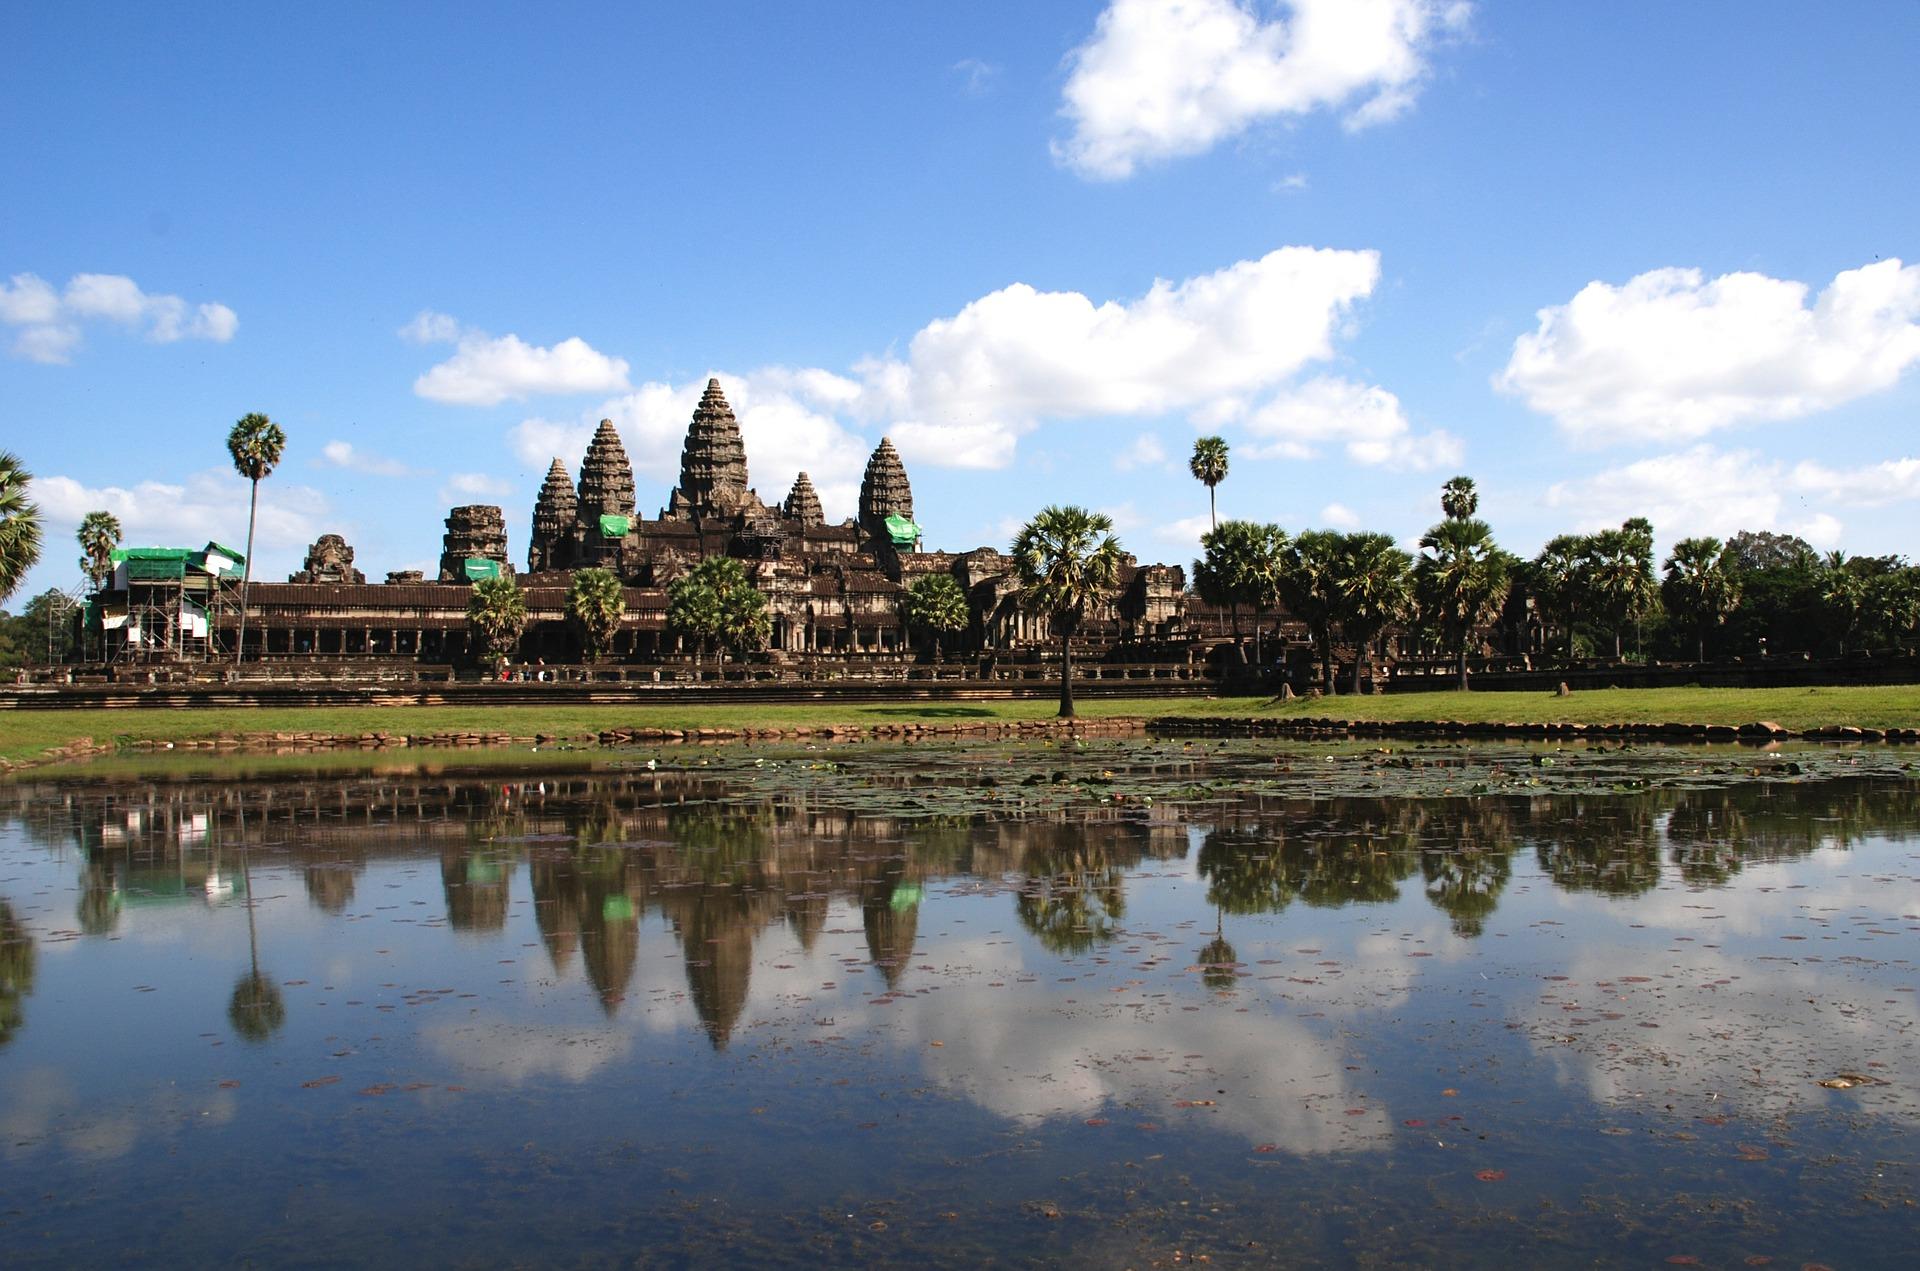 中国への傾斜が明らかにするカンボジアの戦略的意義